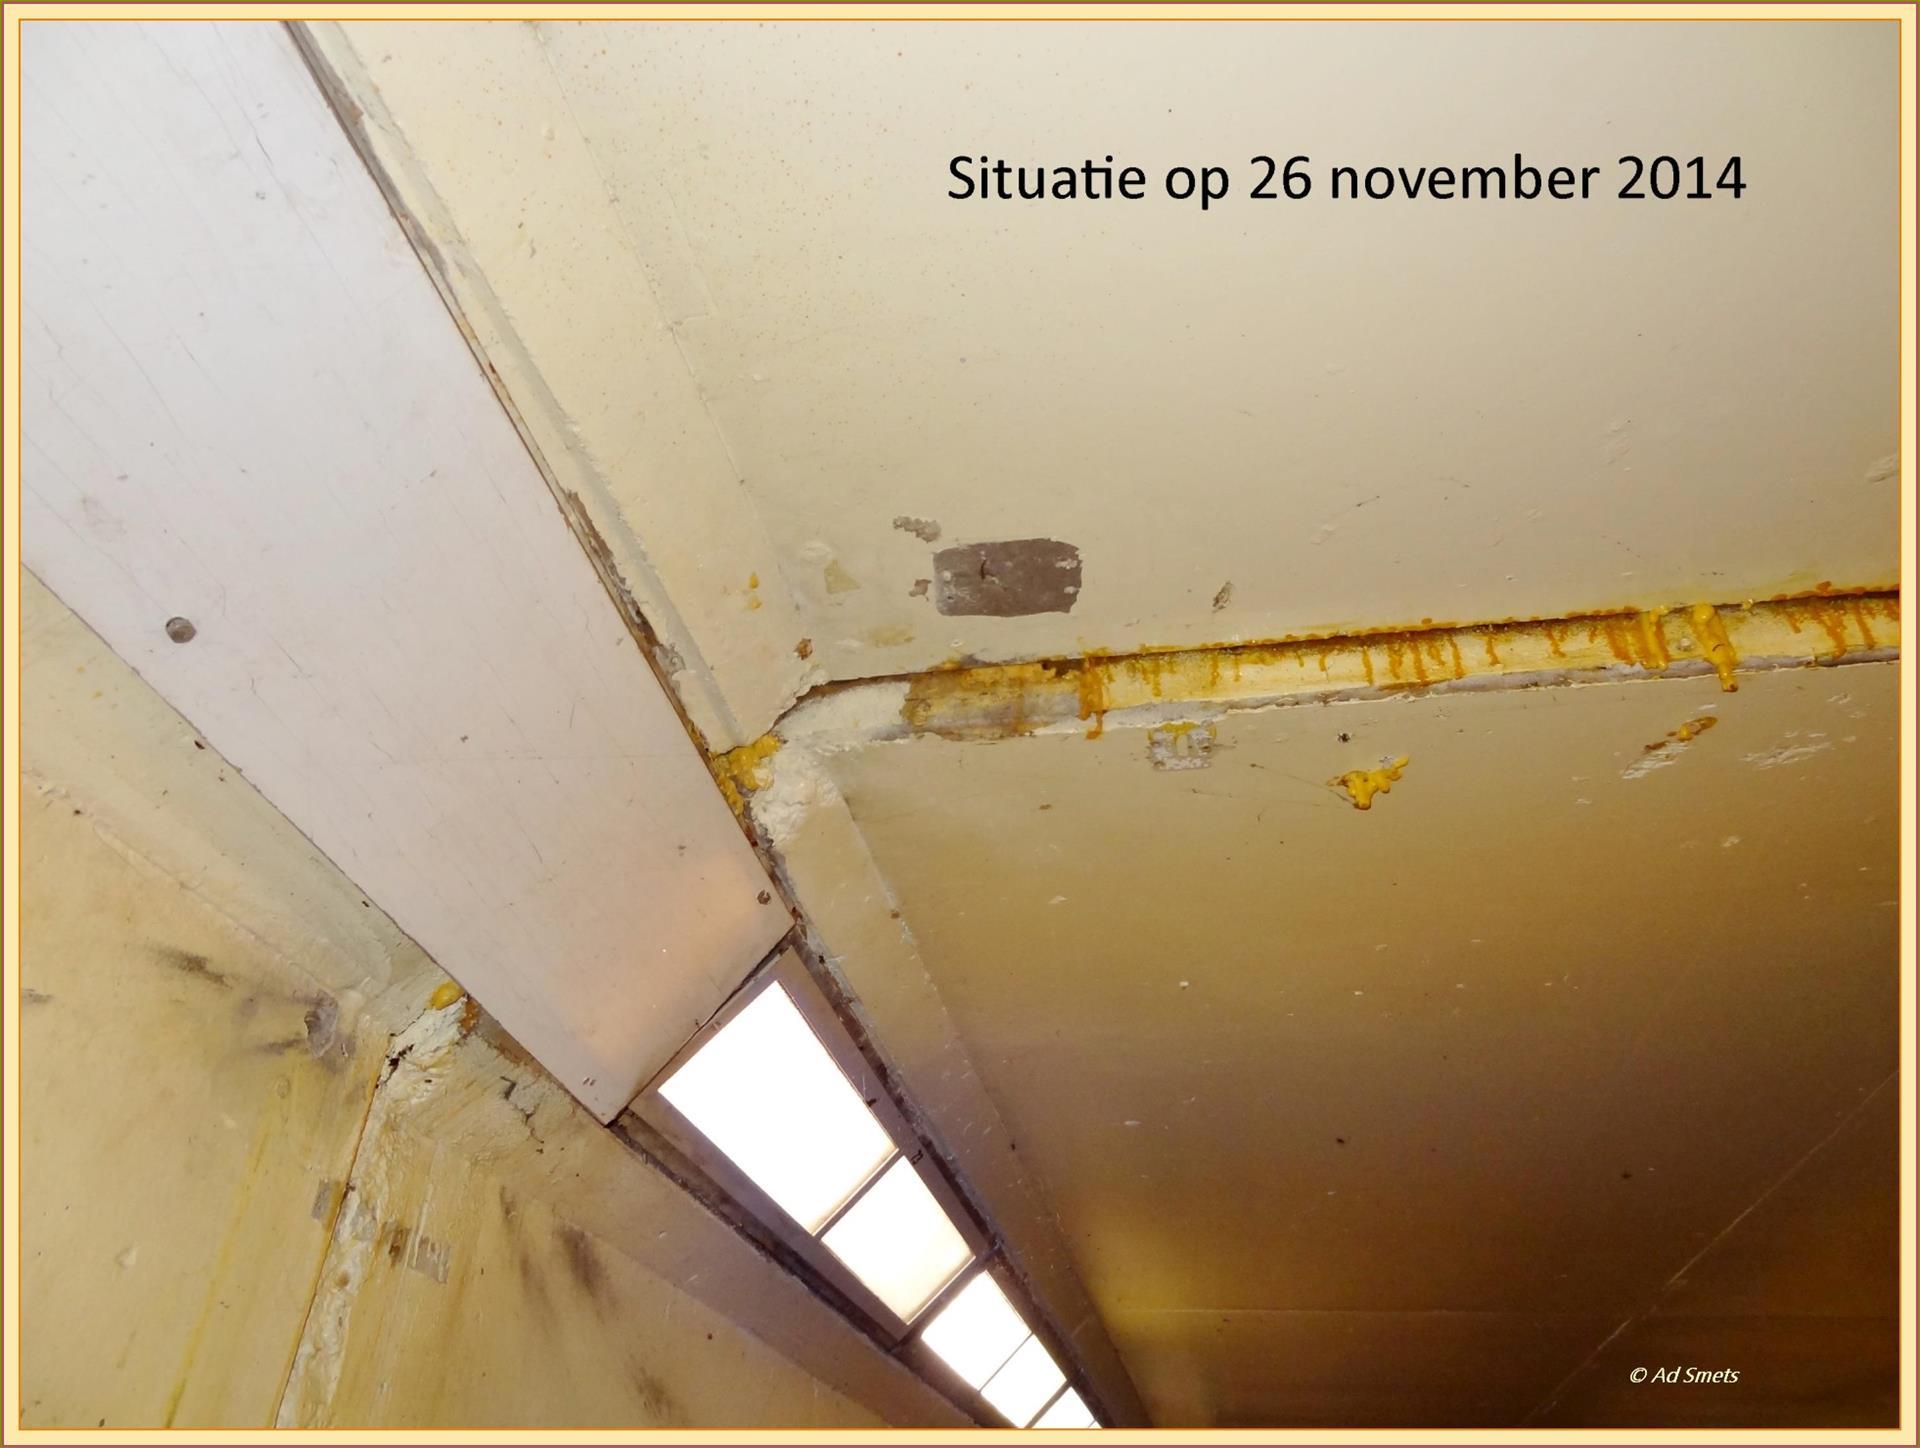 20141126_aeneastunnel.jpg